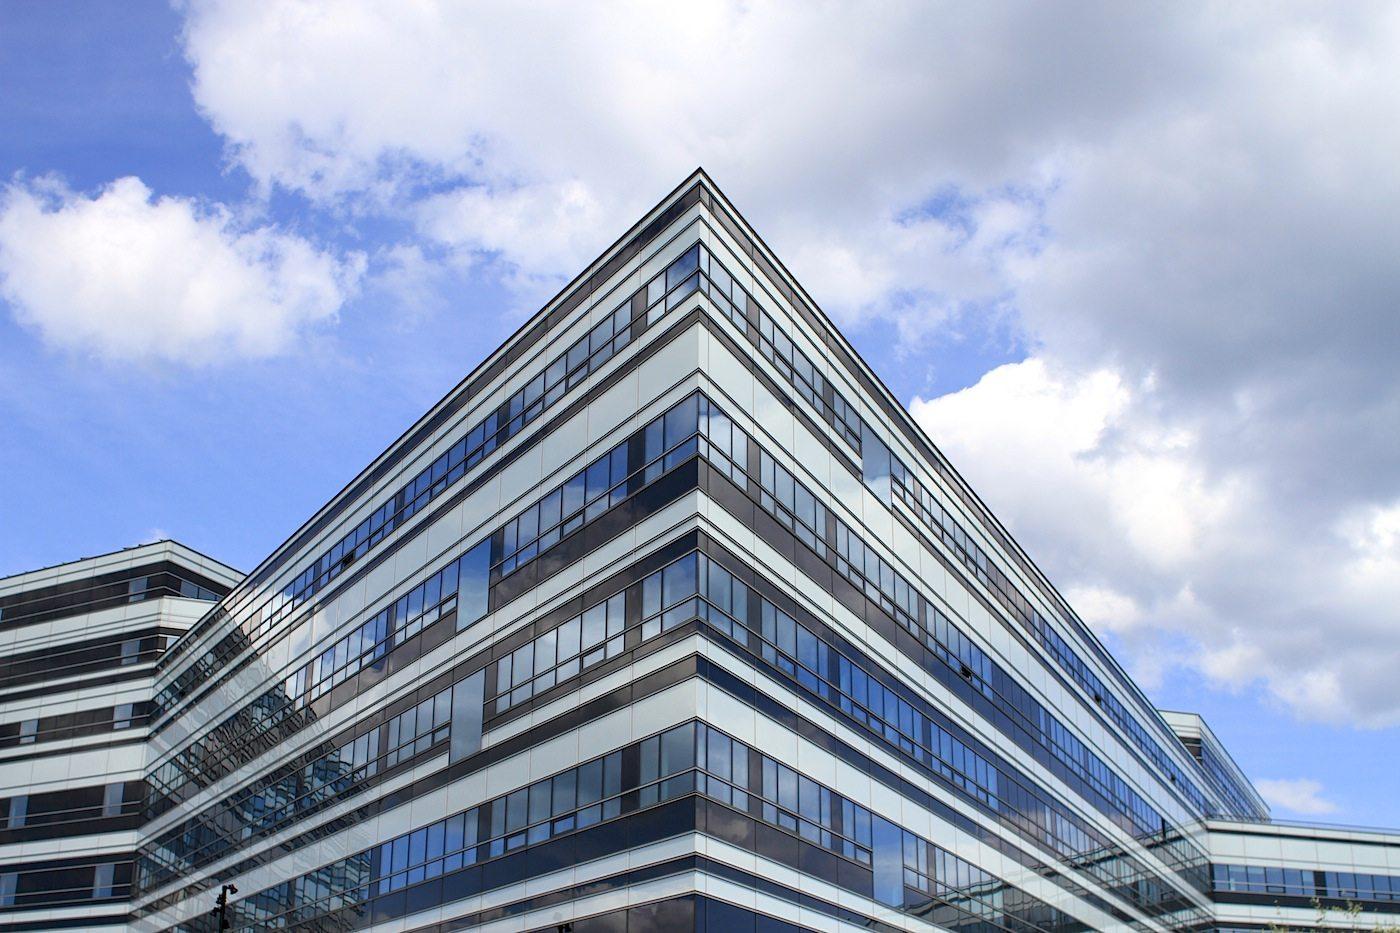 Navitas.  Das Lehr- und Forschungszentrum. Entworfen von Kjær & Richter in Kooperation mit Christensen & Co., Fertigstellung 2014.